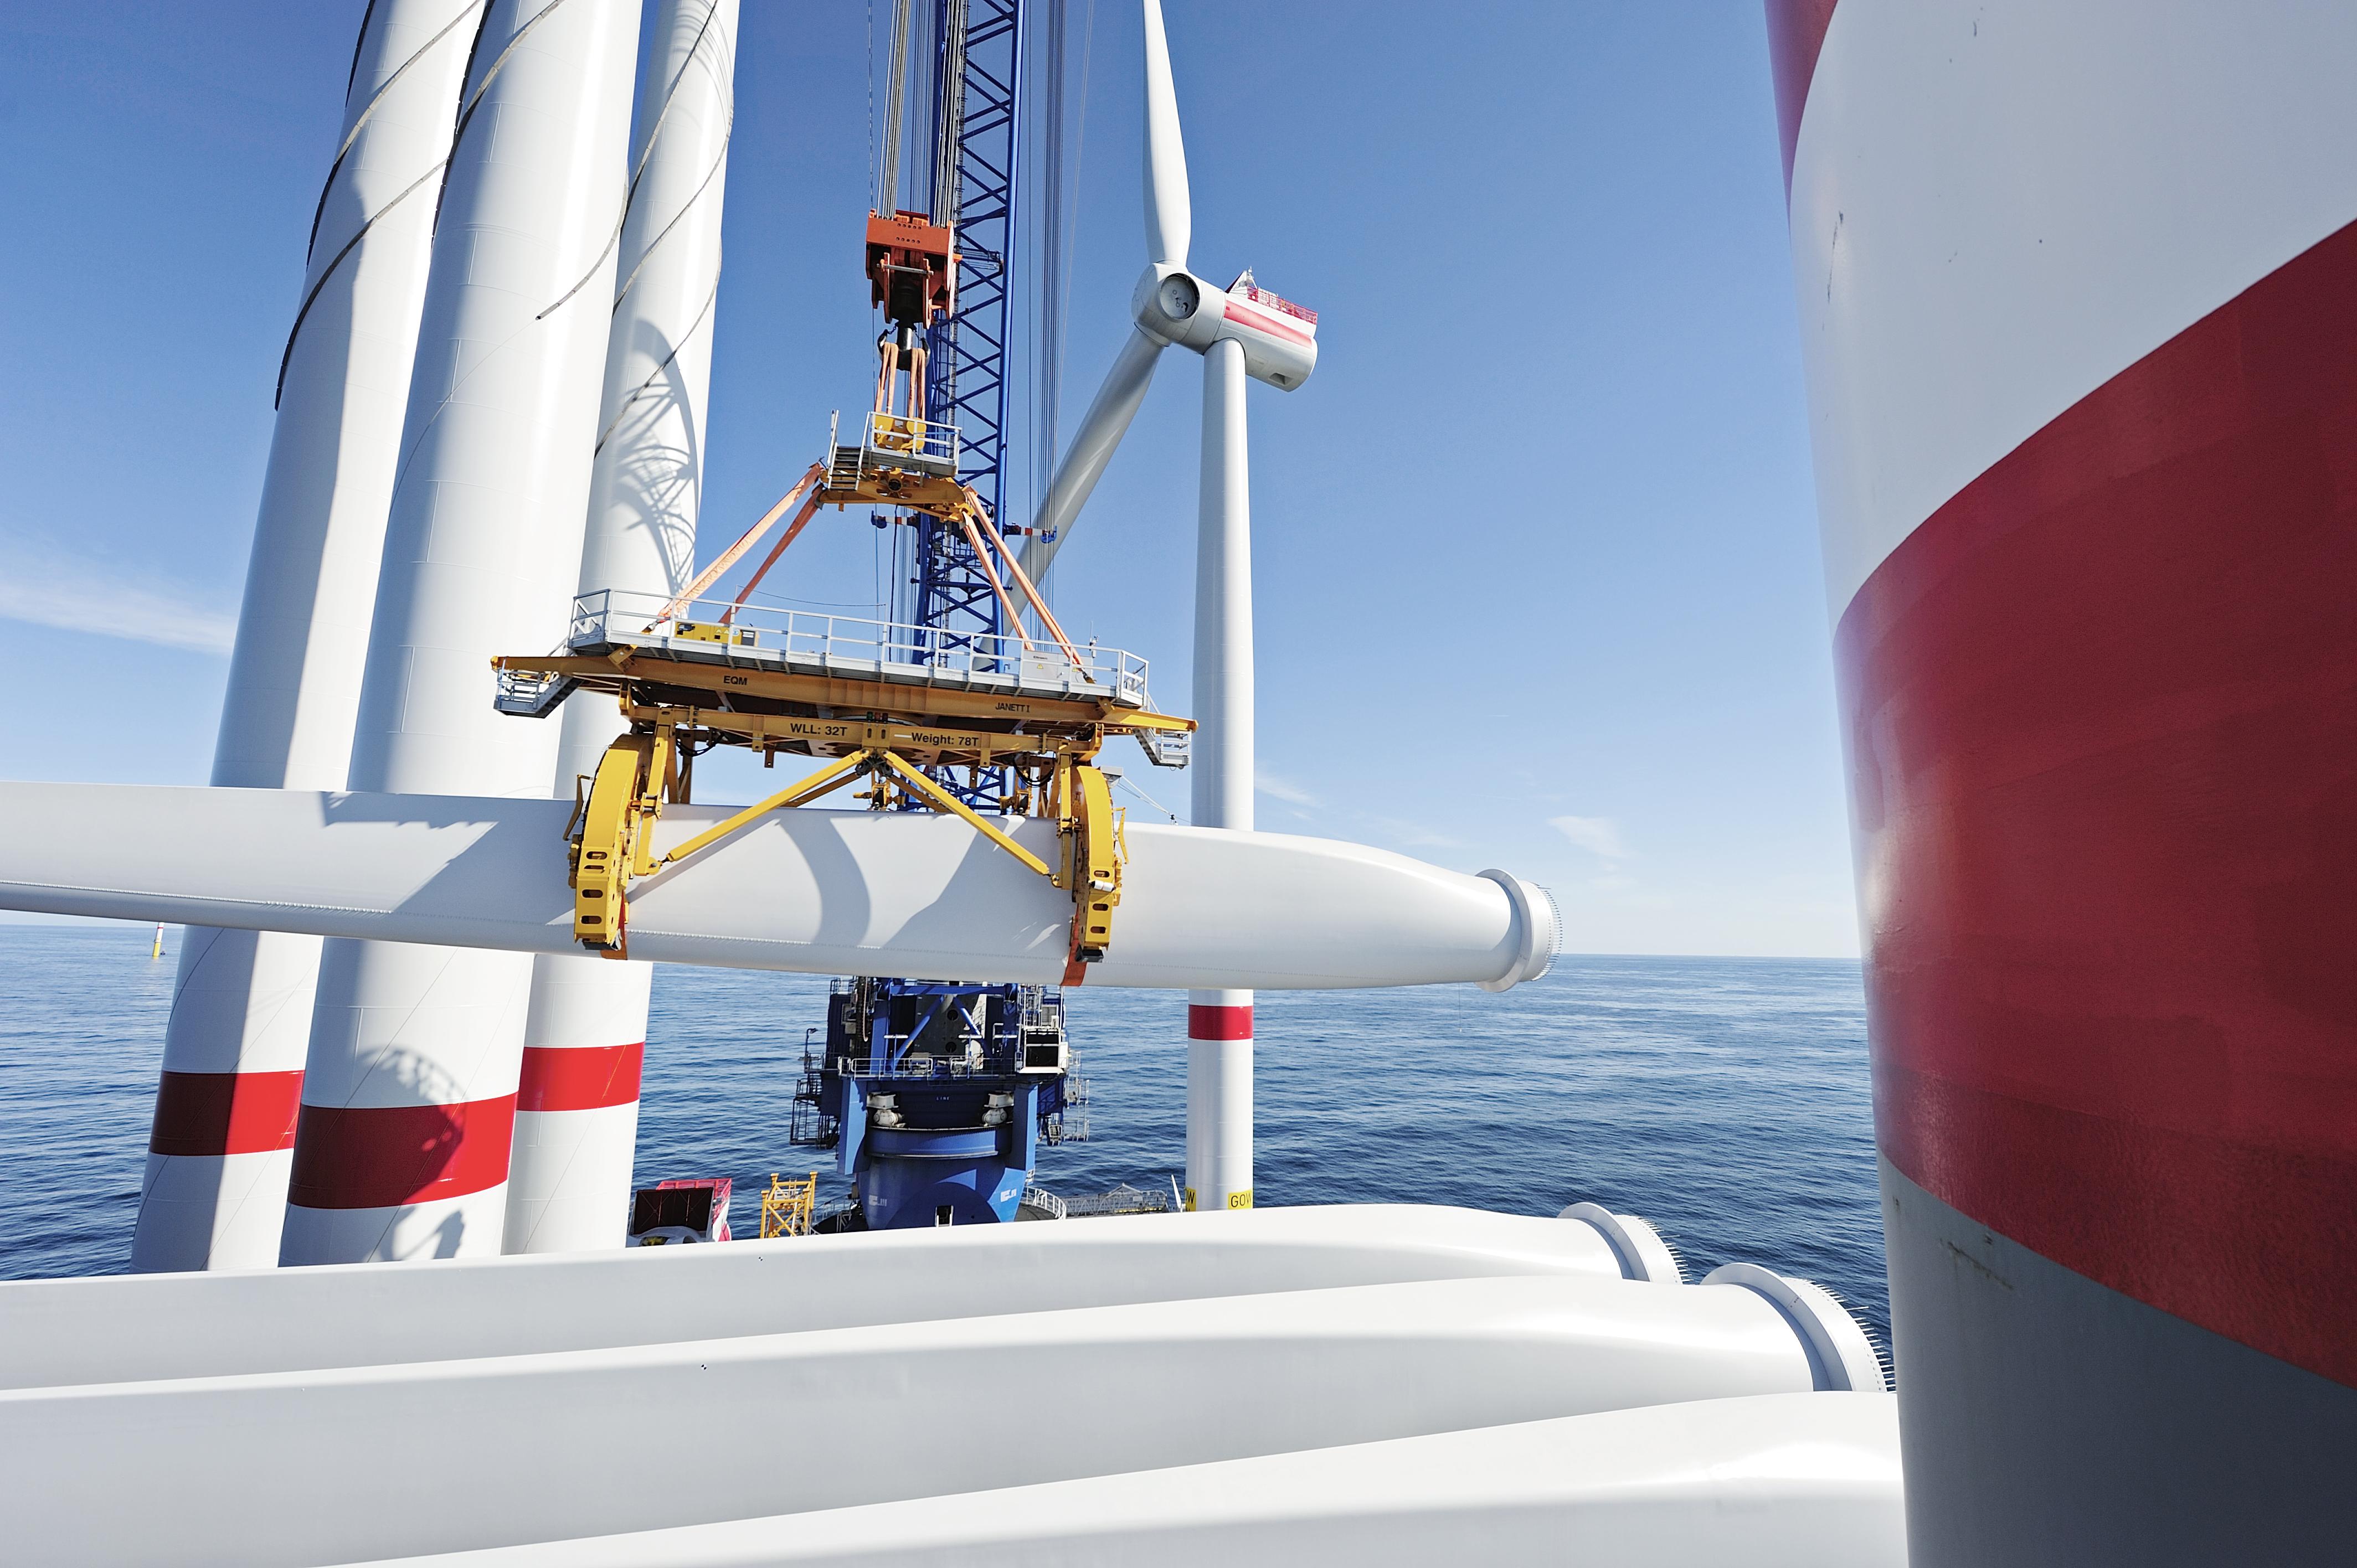 Construção do Parque Eólico Gode, parque eólico offshore localizado a noroeste de Norderney, na parte alemã do Mar do Norte.